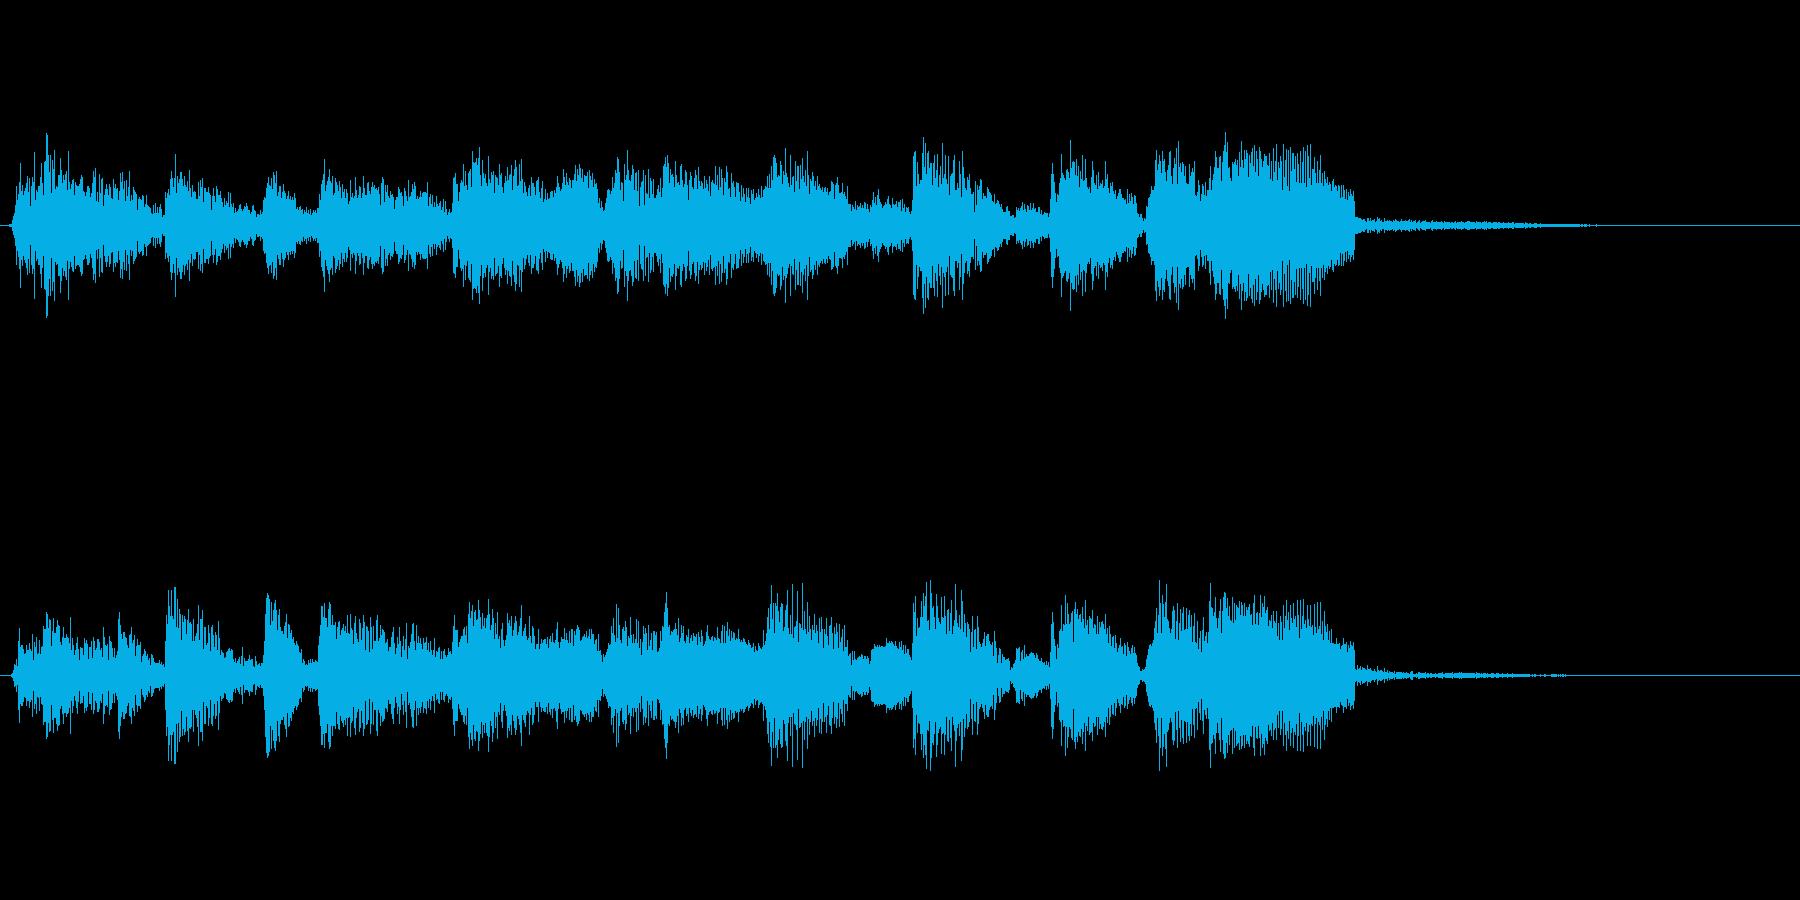 企業ロゴ表示用サウンドロゴ3(躍動感)の再生済みの波形